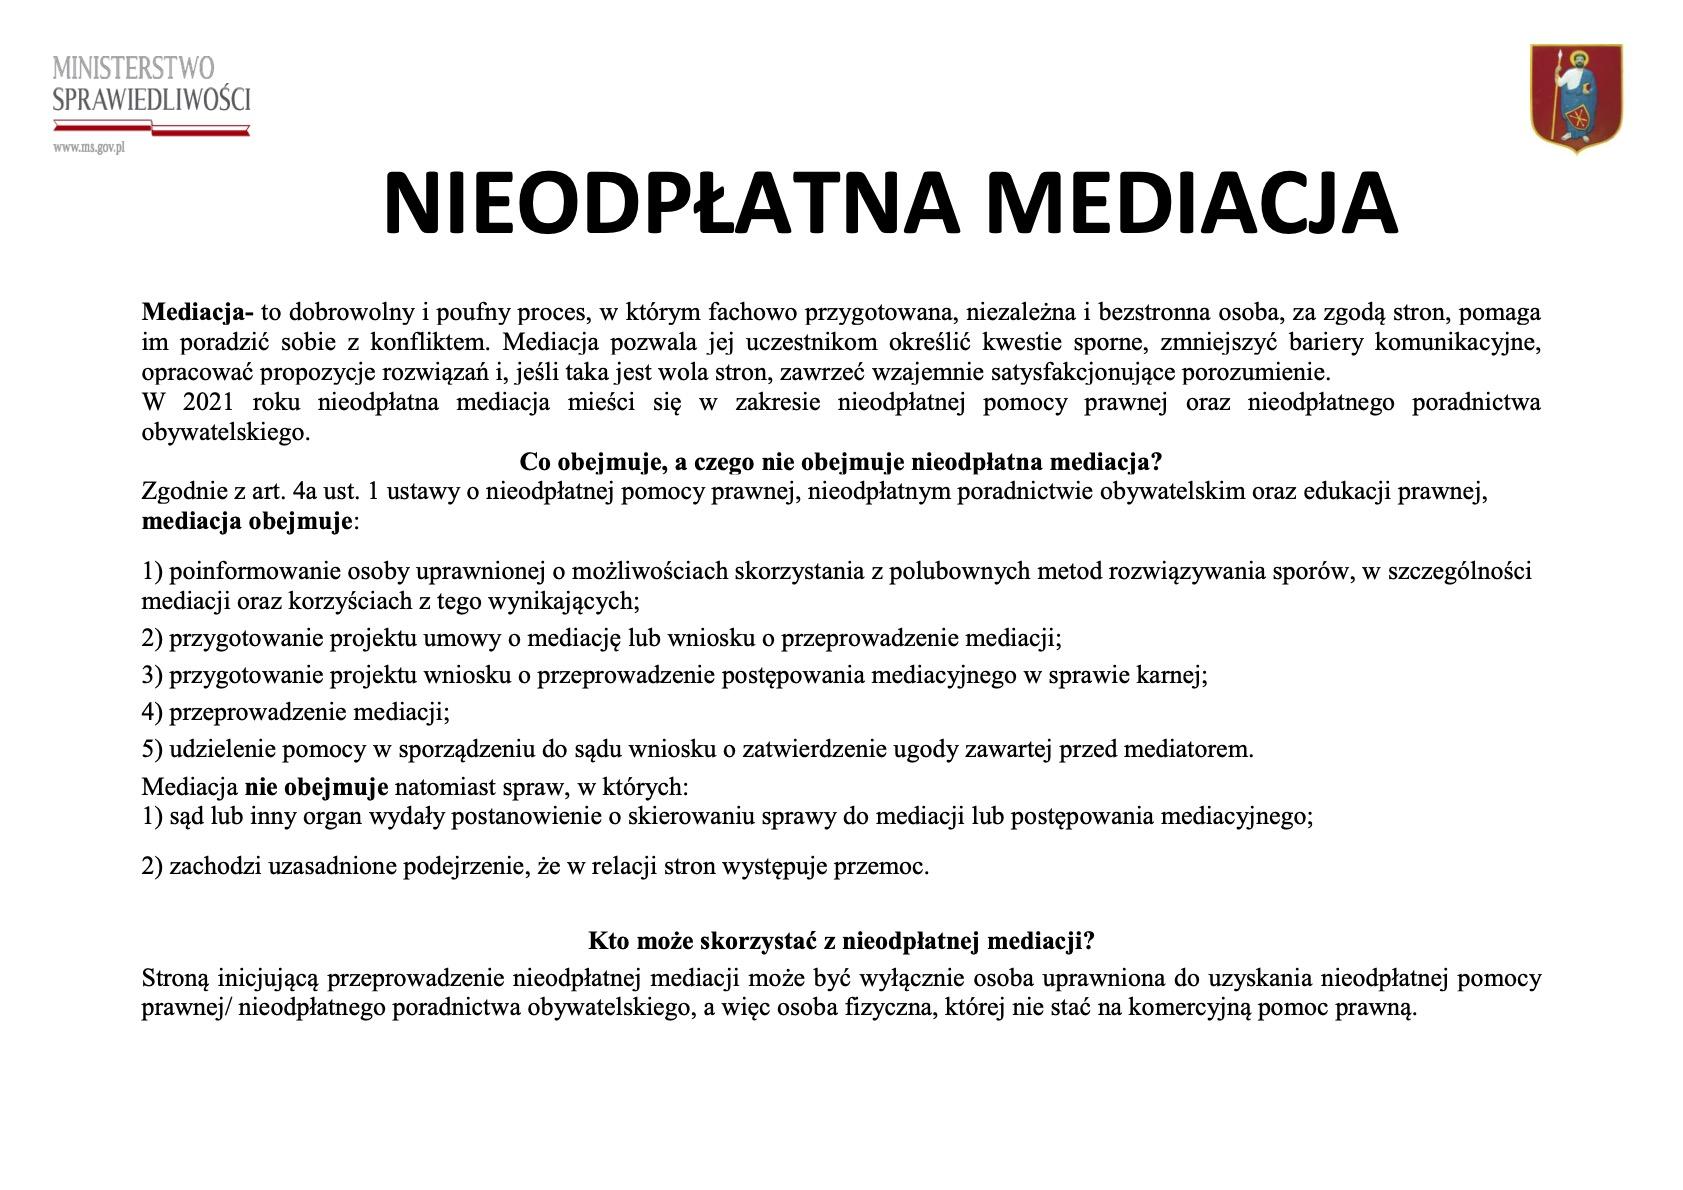 nieodplatna mediacja plakat informacyjny ZAMOŚĆ: Porady prawne tylko z wykorzystaniem środków porozumiewania się na odległość